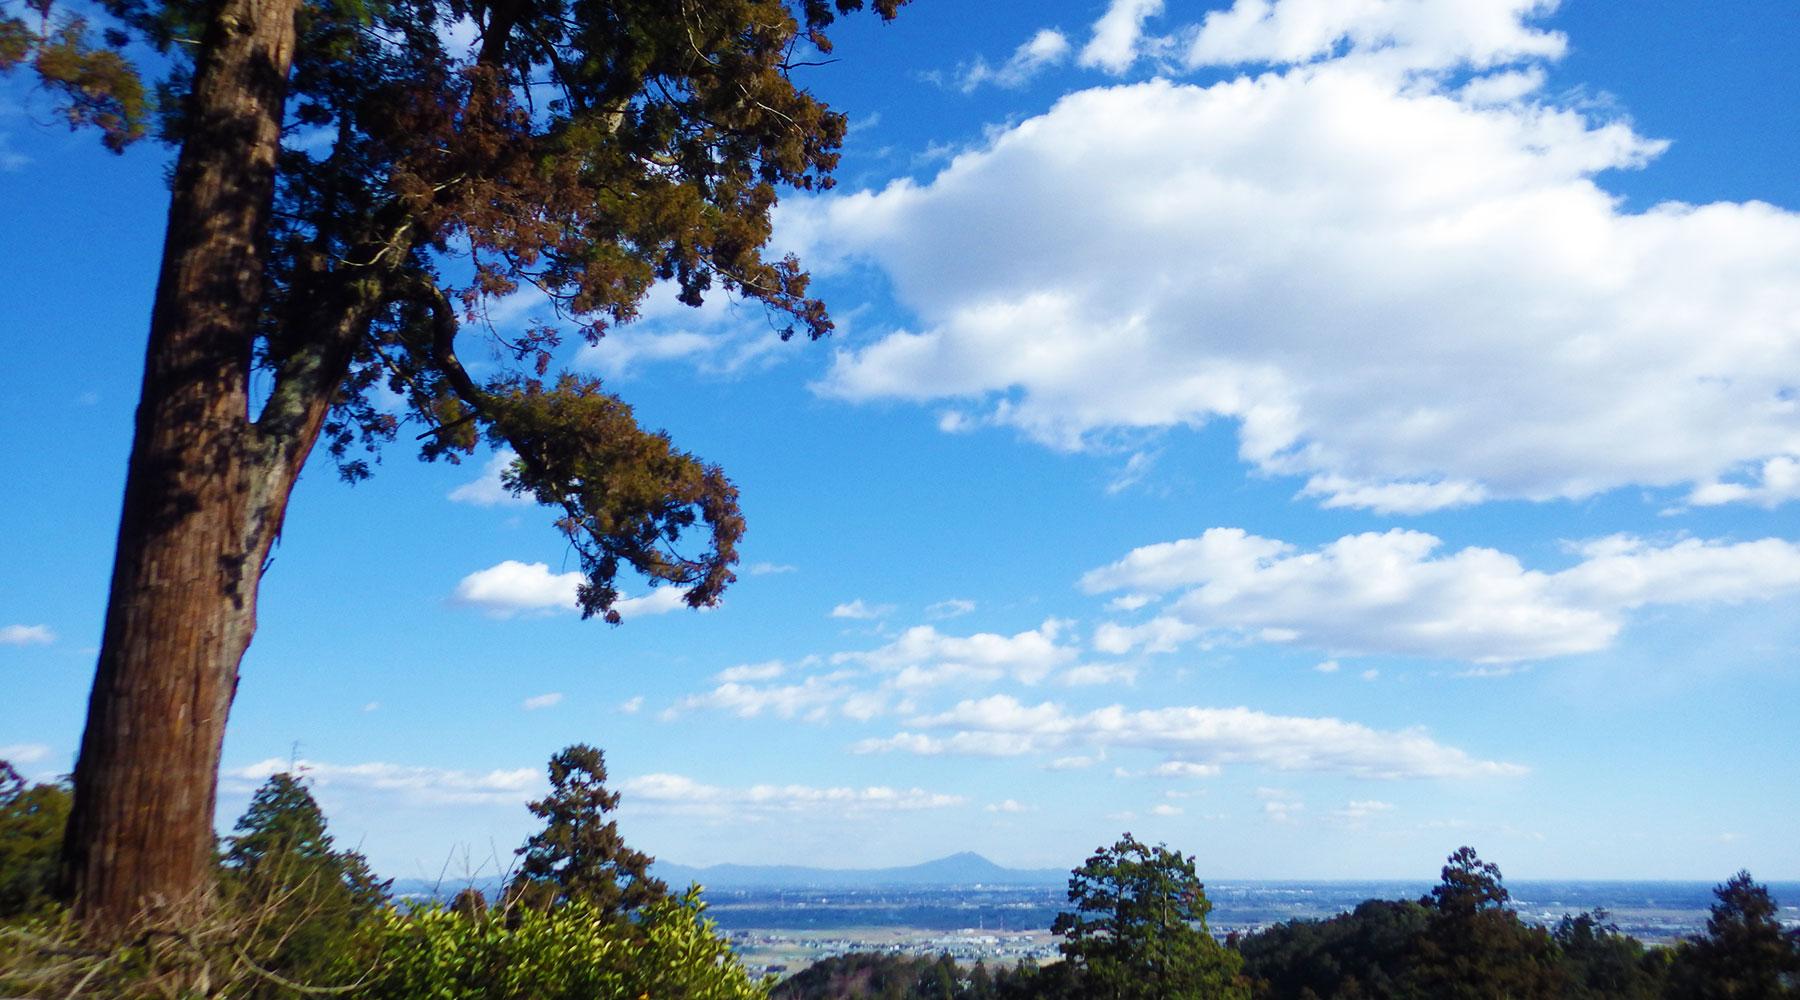 太平山神社から筑波山の眺め